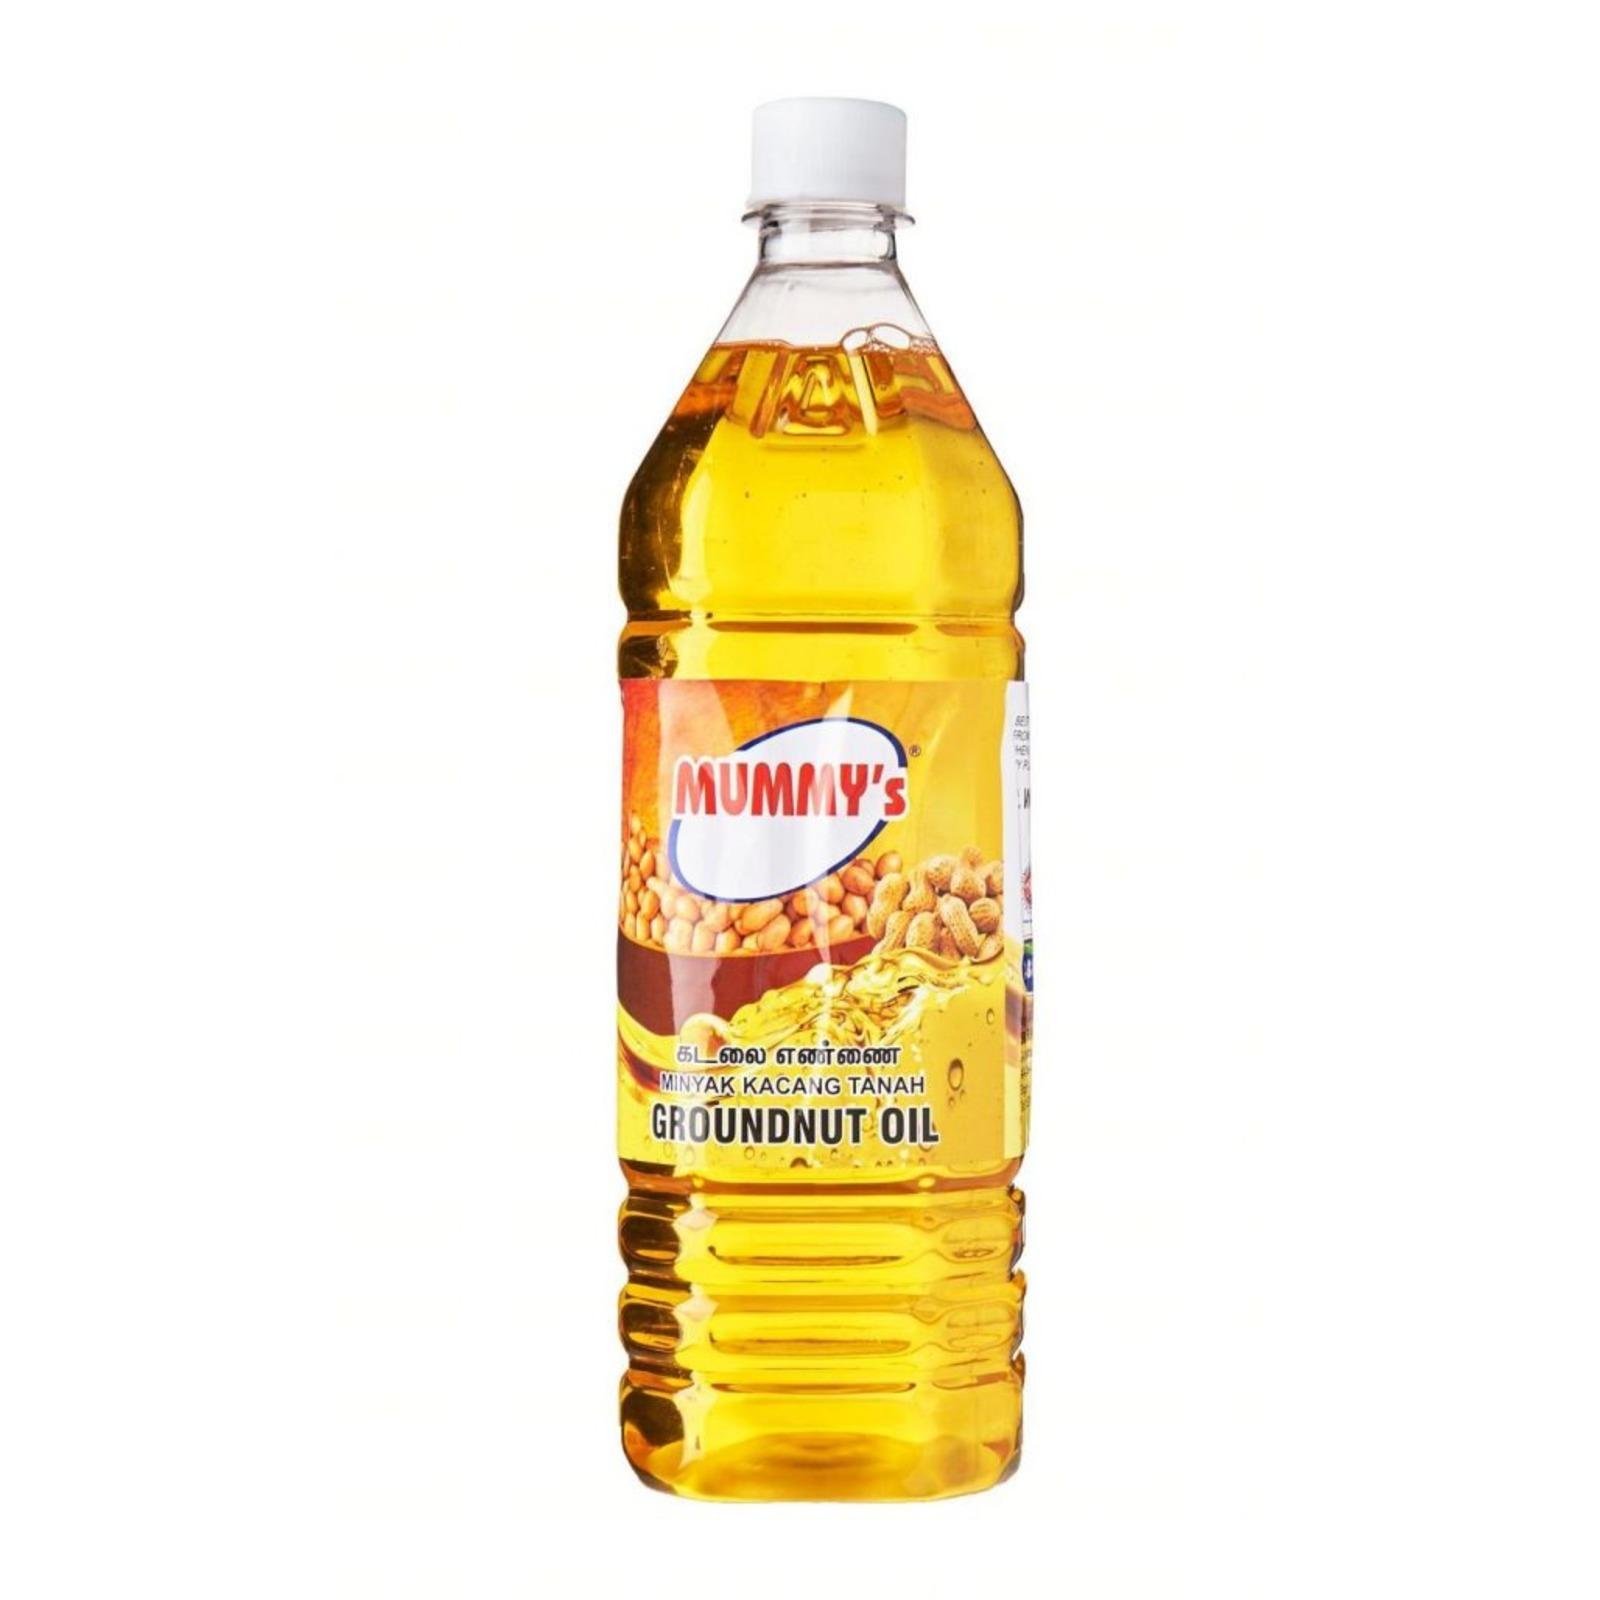 Mummys Groundnut Oil